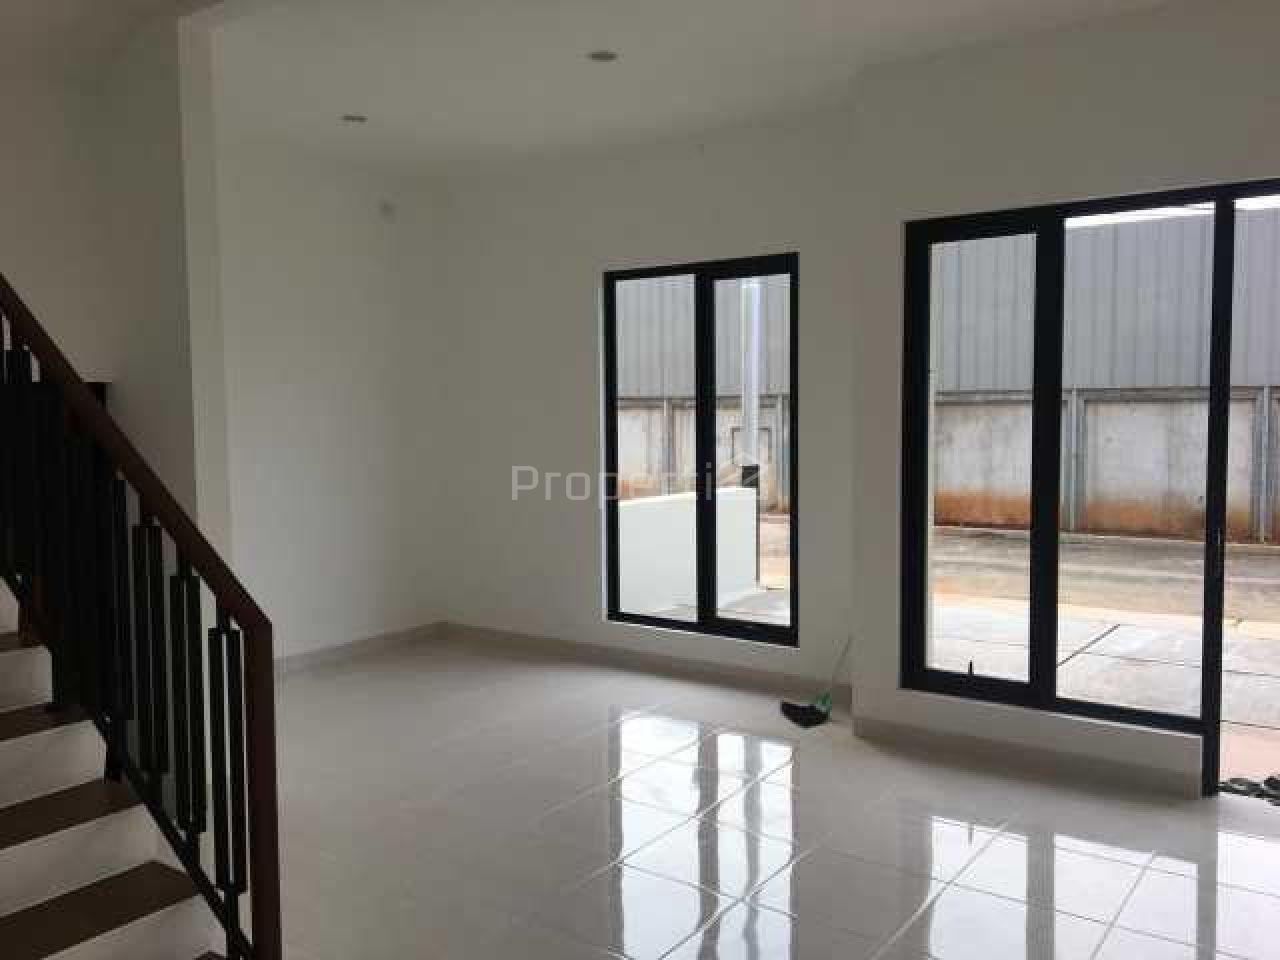 Rumah Baru Eksklusif 2 Lantai di Lenteng Agung, DKI Jakarta